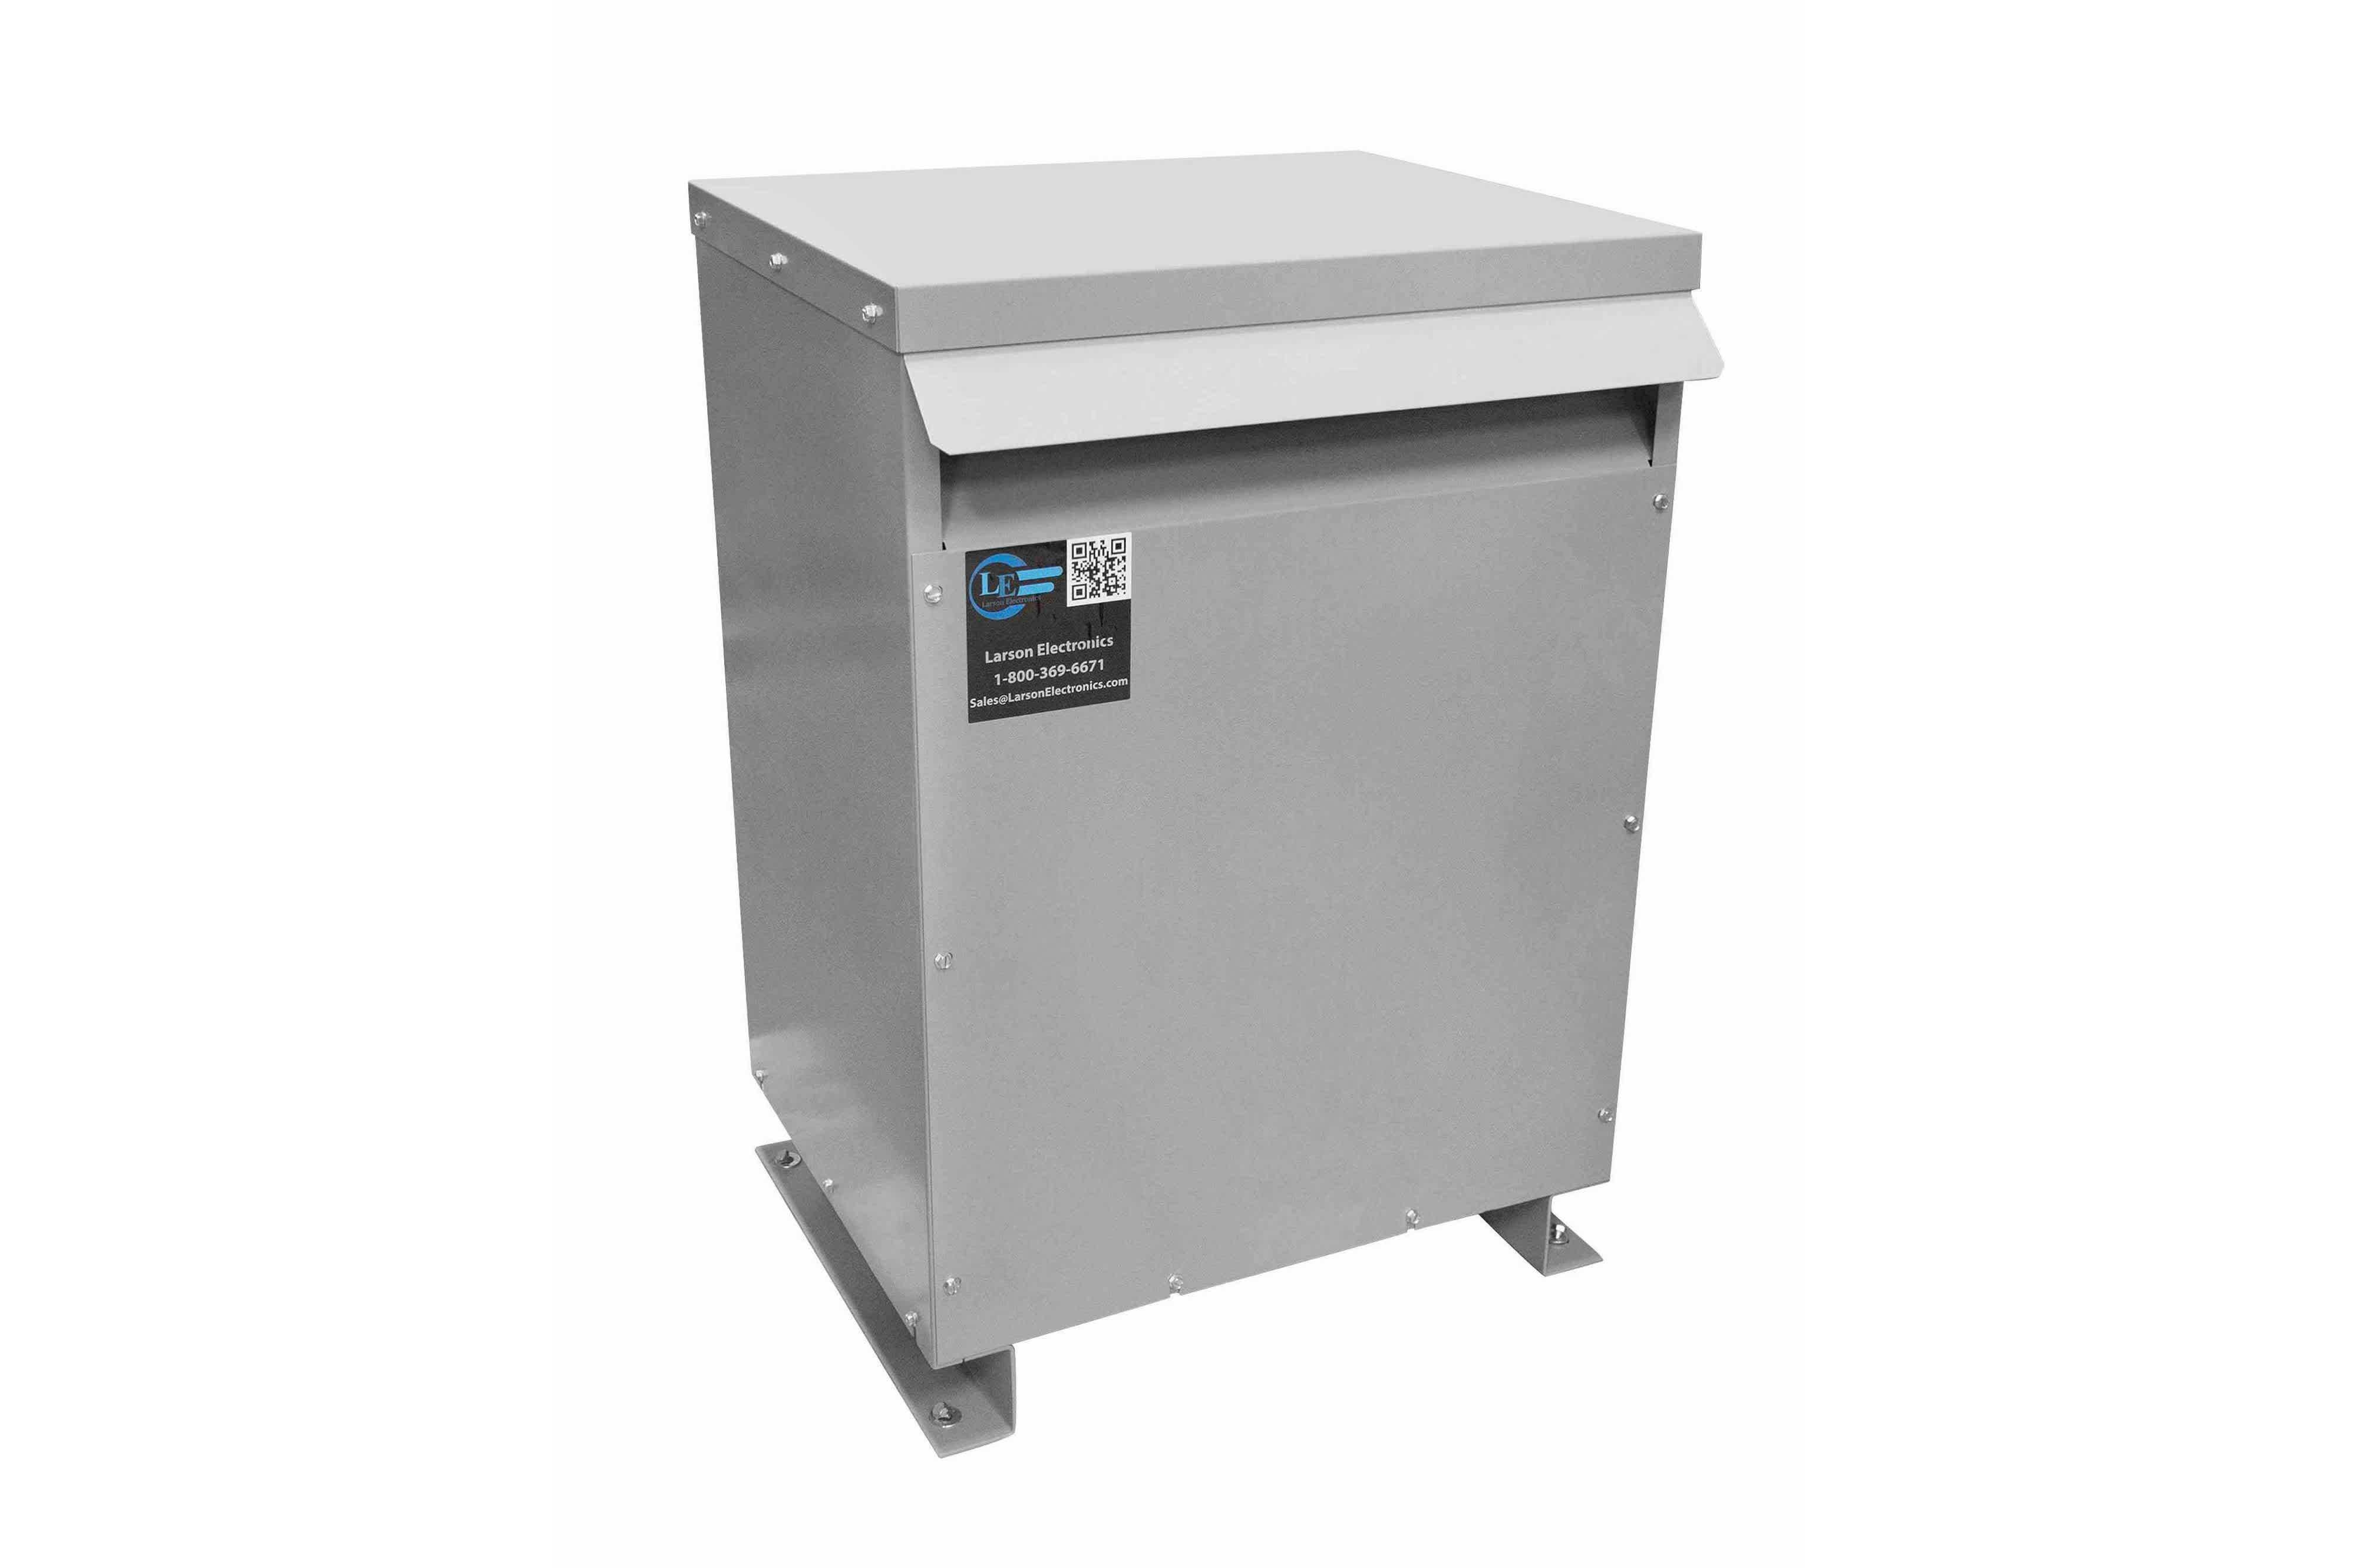 237.5 kVA 3PH Isolation Transformer, 480V Delta Primary, 480V Delta Secondary, N3R, Ventilated, 60 Hz